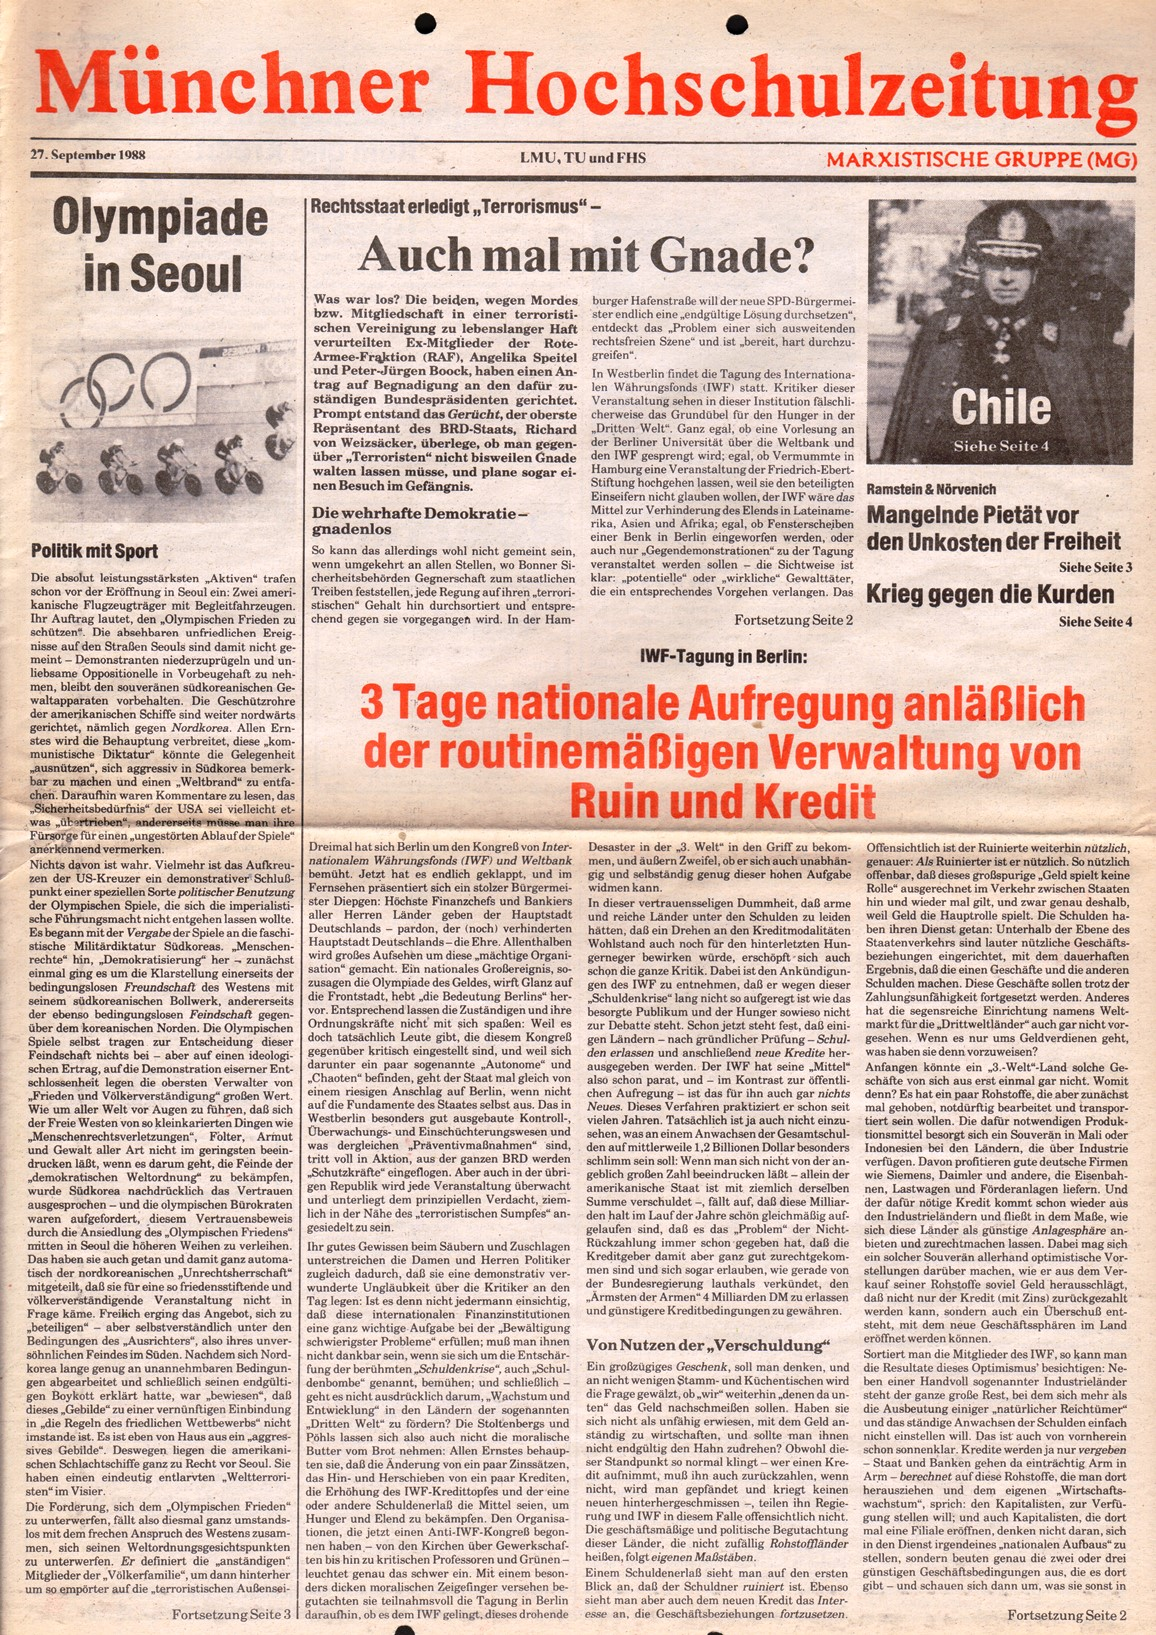 Muenchen_MG_Hochschulzeitung_19880927_01